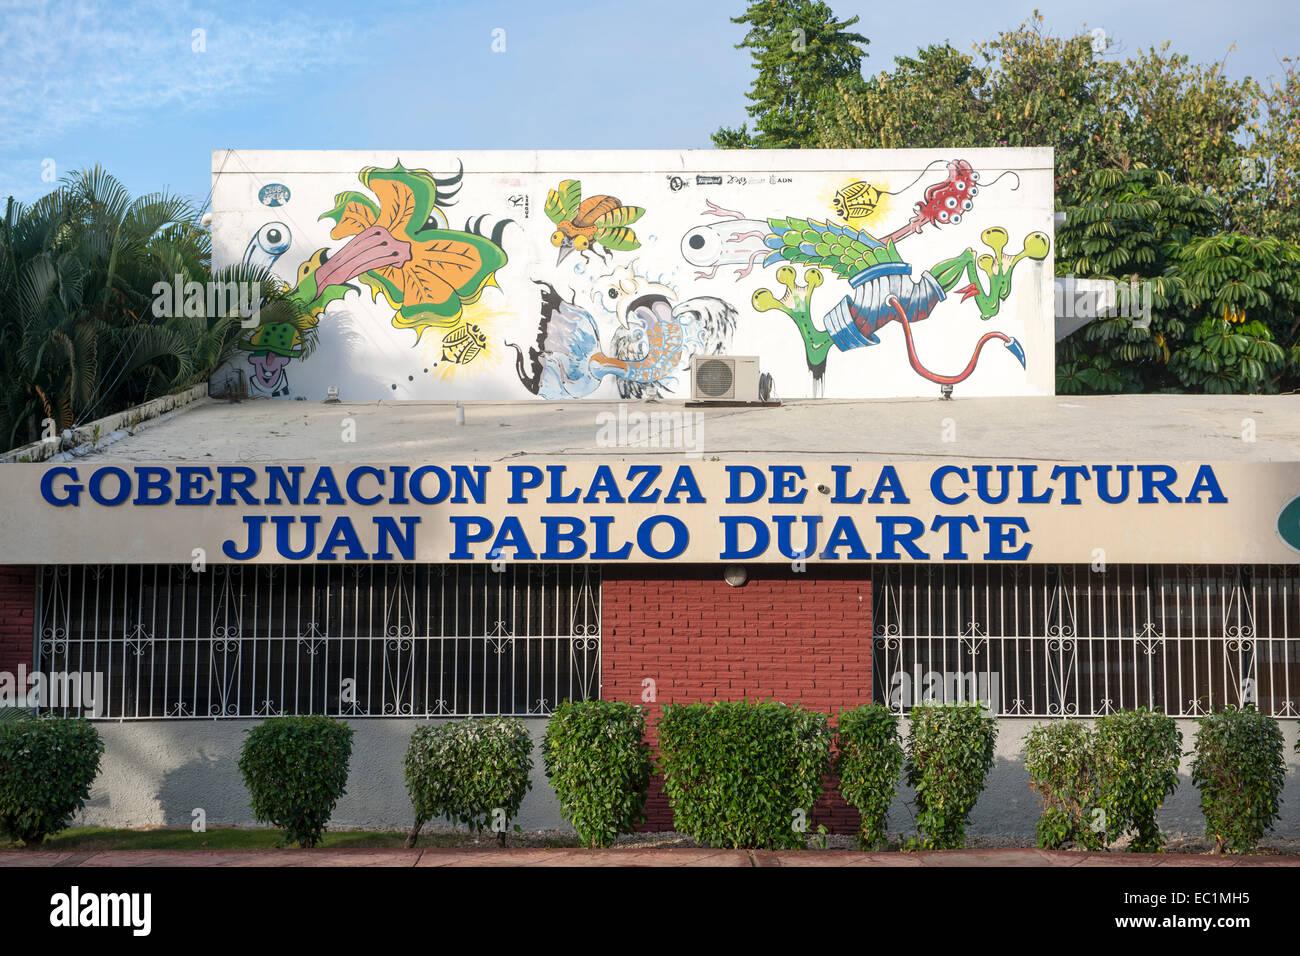 Dominikanische Republik, Santo Domingo, Parque de la Cultura, Immagini Stock